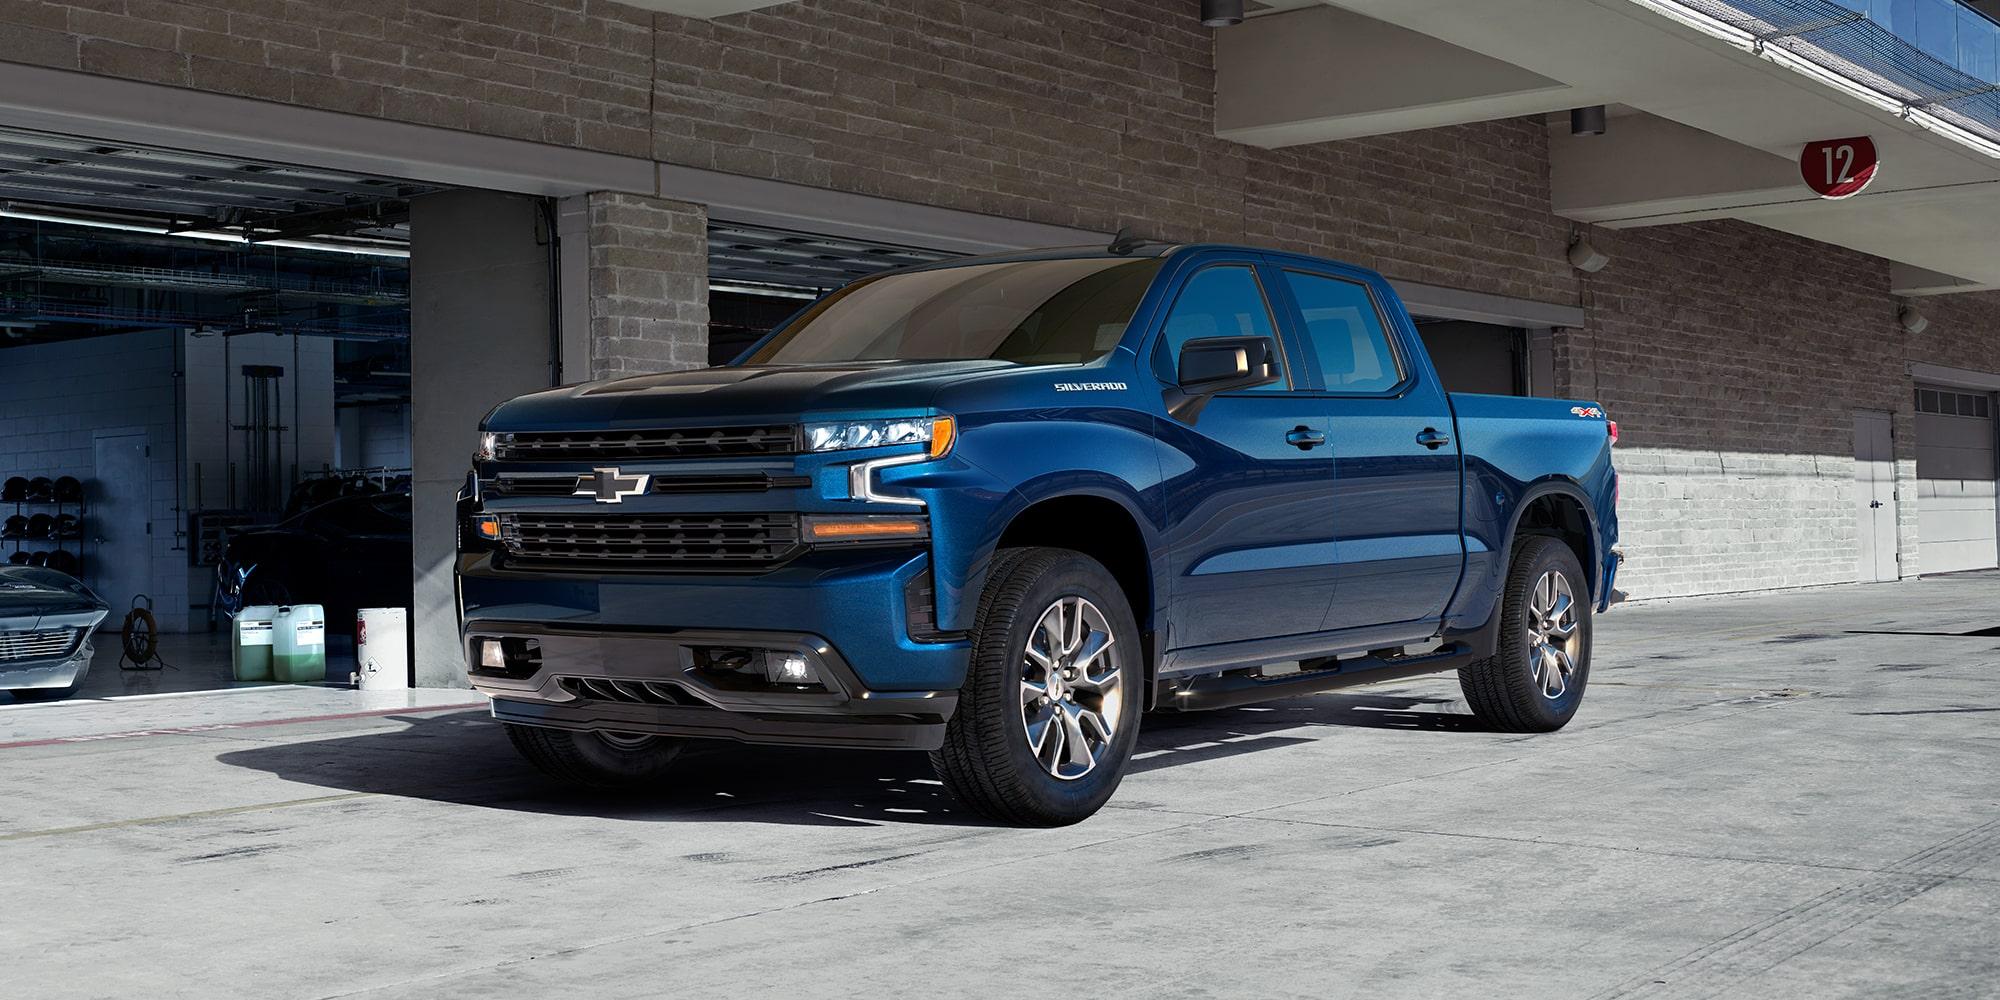 2019 Chevrolet Silverado 89